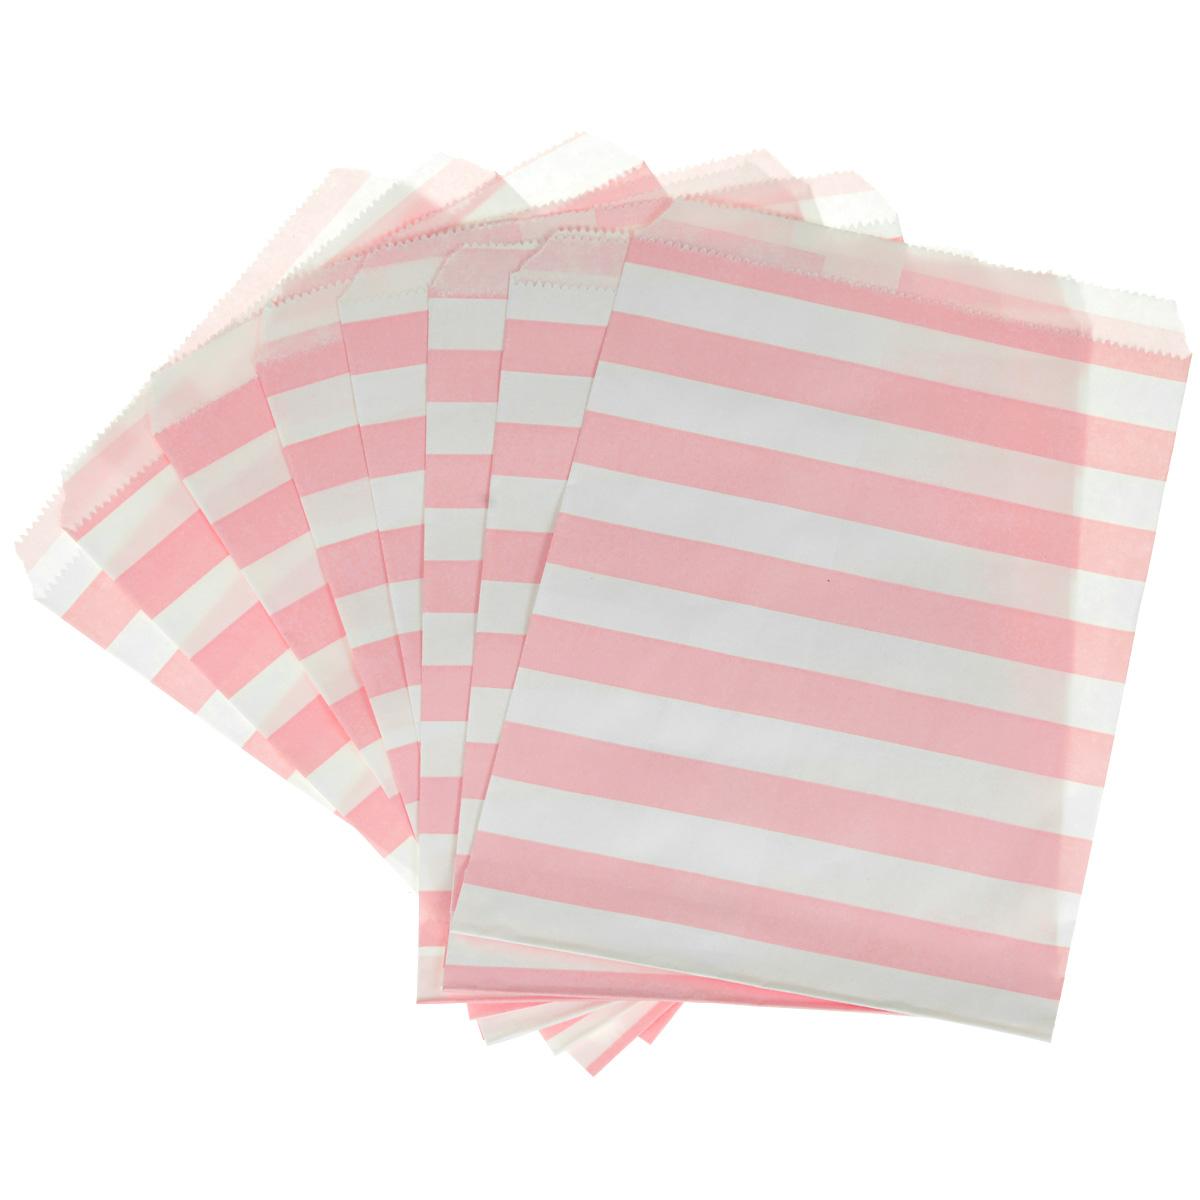 Пакеты бумажные Dolce Arti Stripes, для выпечки, цвет: розовый, 10 штDA040220Бумажные пакеты Dolce Arti Stripes очень многофункциональны. Их можно использовать насколько хватит вашей фантазии: для выпекания, для упаковки маленьких подарков, сладостей и многого другого. Размер пакета: 13 см х 18 см.